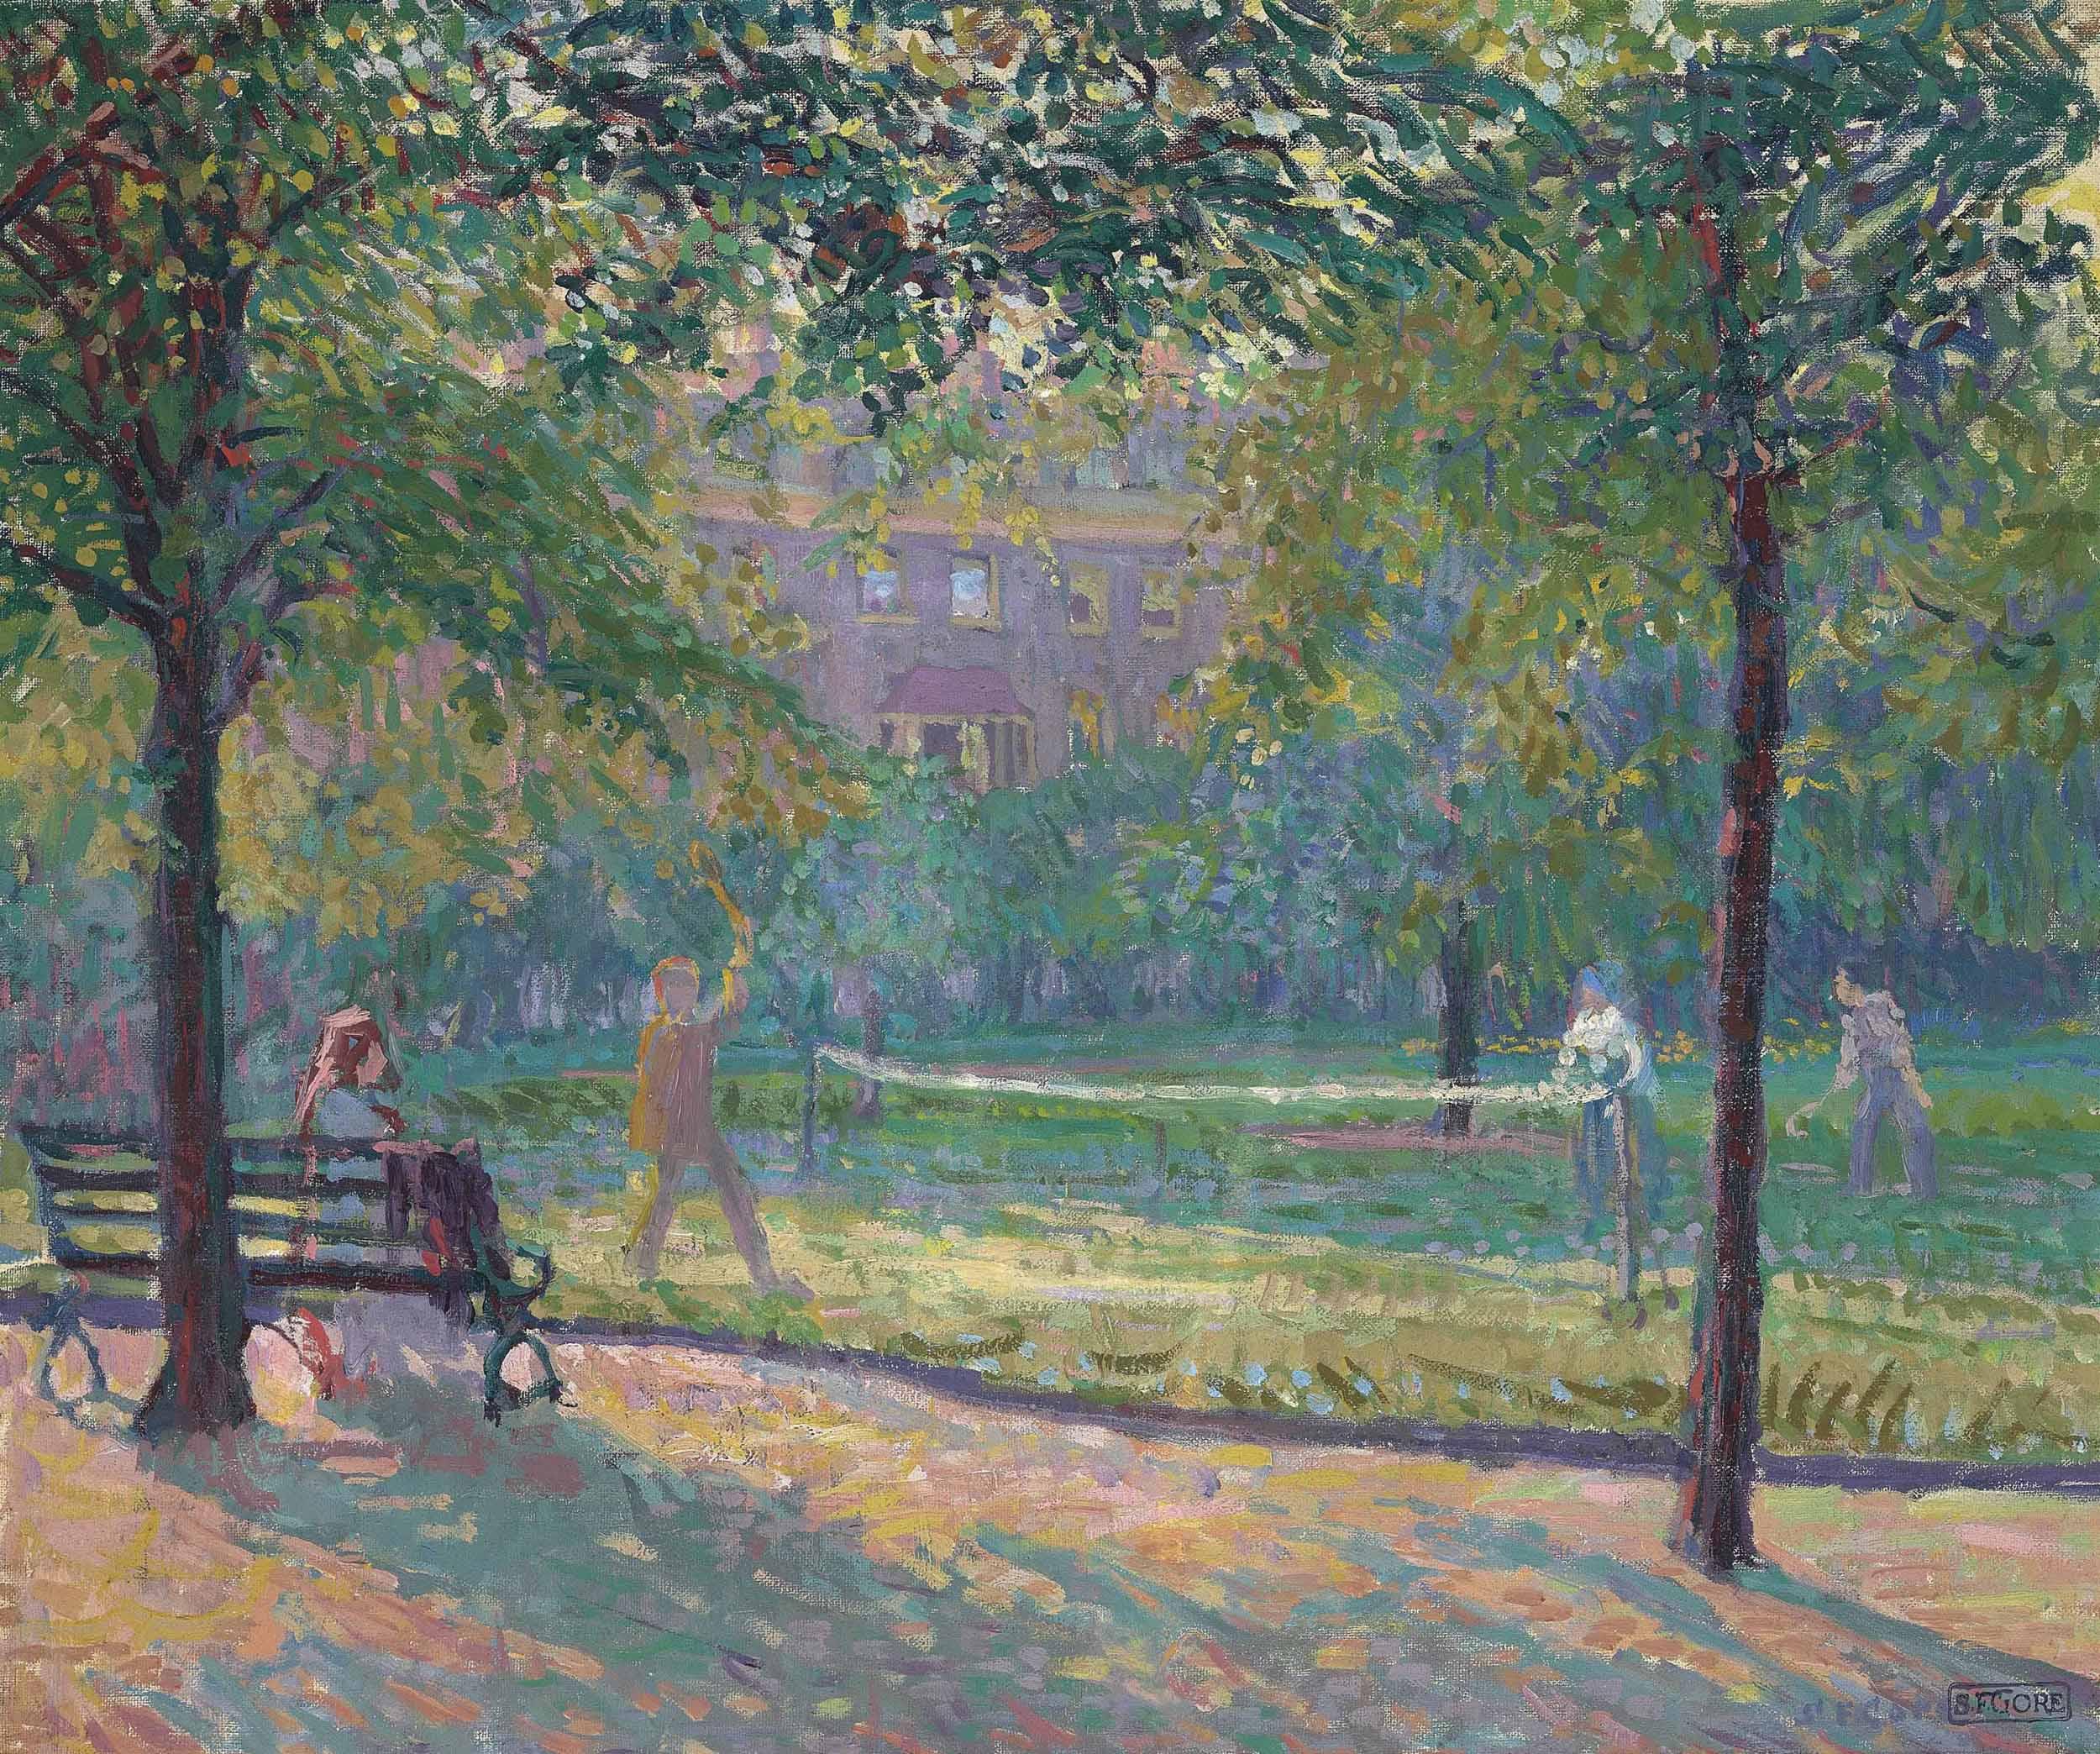 Tennis in Mornington Crescent Gardens